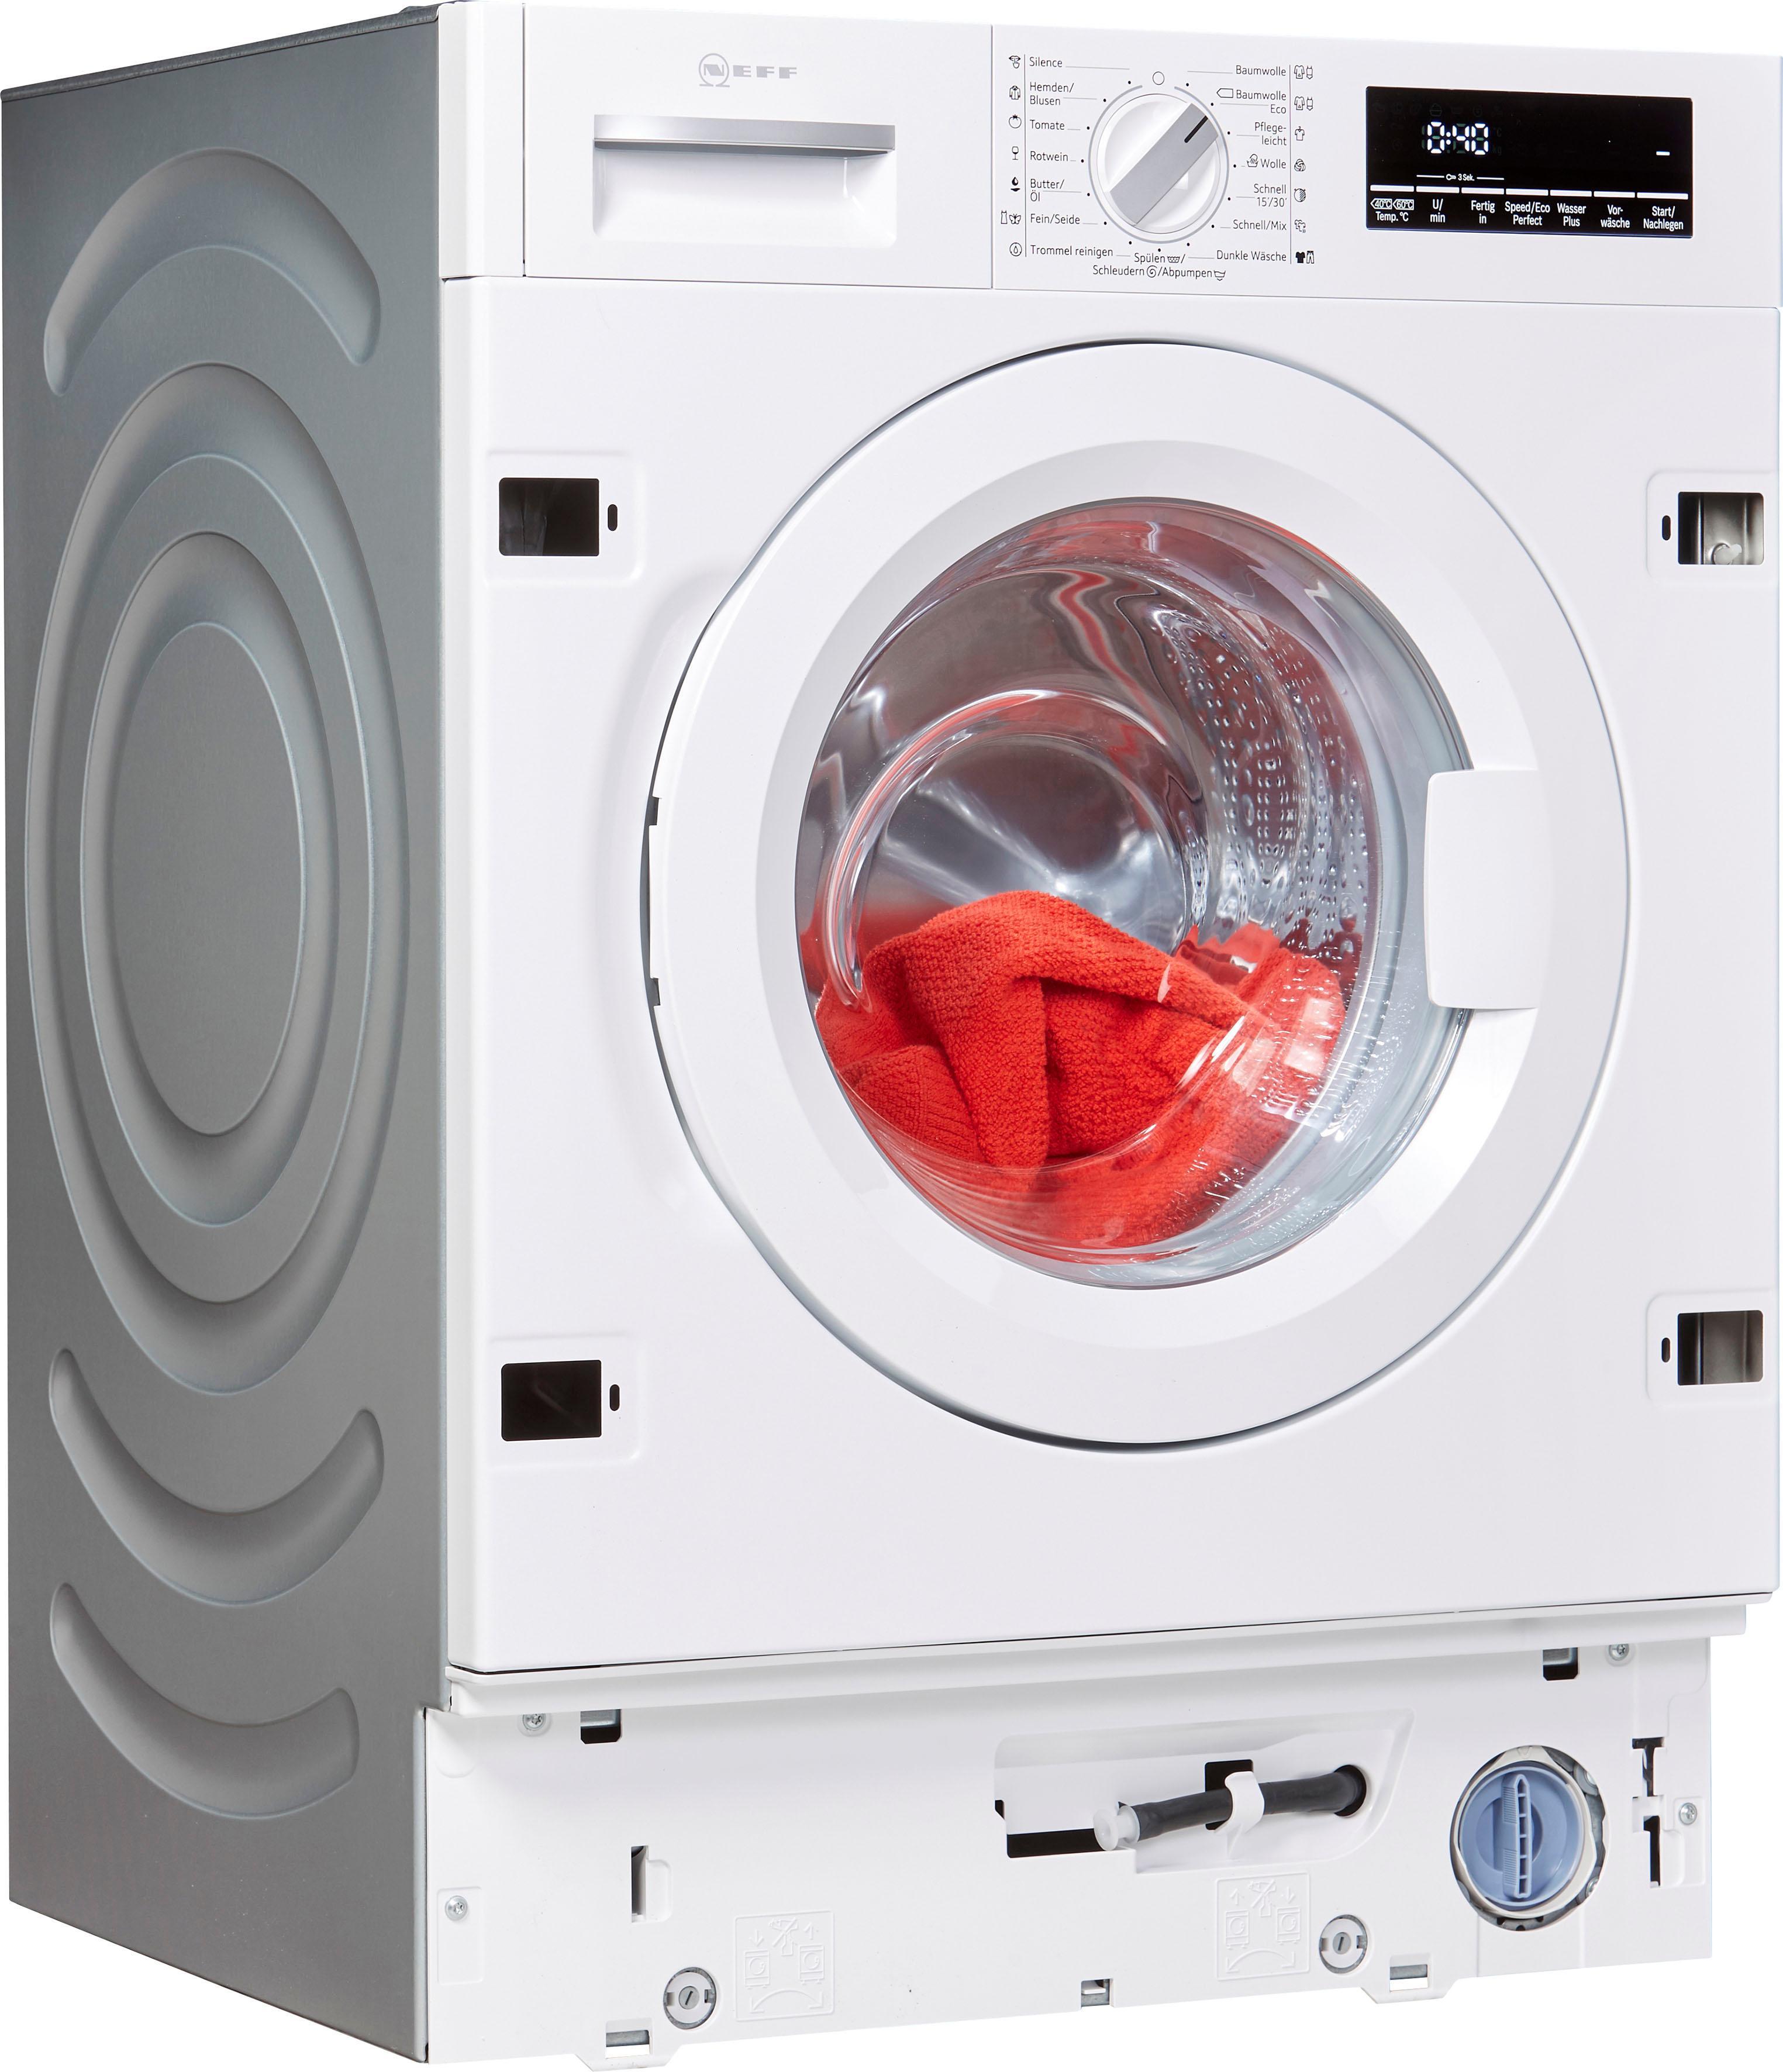 NEFF Einbauwaschmaschine W6440X0 | Bad > Waschmaschinen und Trockner > Einbauwaschmaschinen | Weiß | NEFF